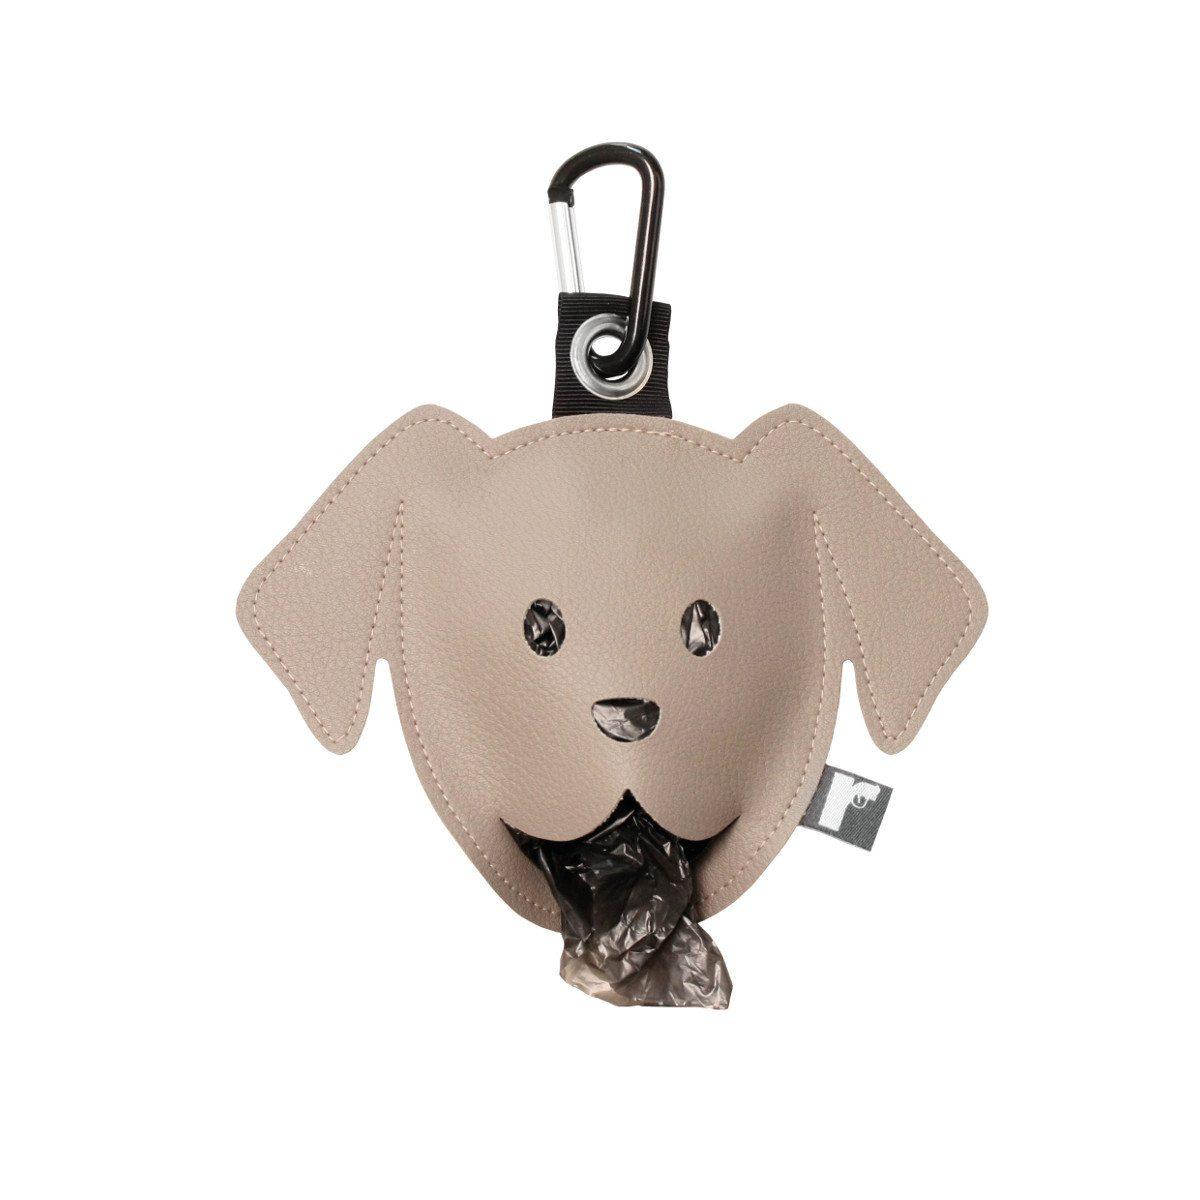 Goodie zum Gassi-Gehen: Der Hundebeutelspender hellbraun